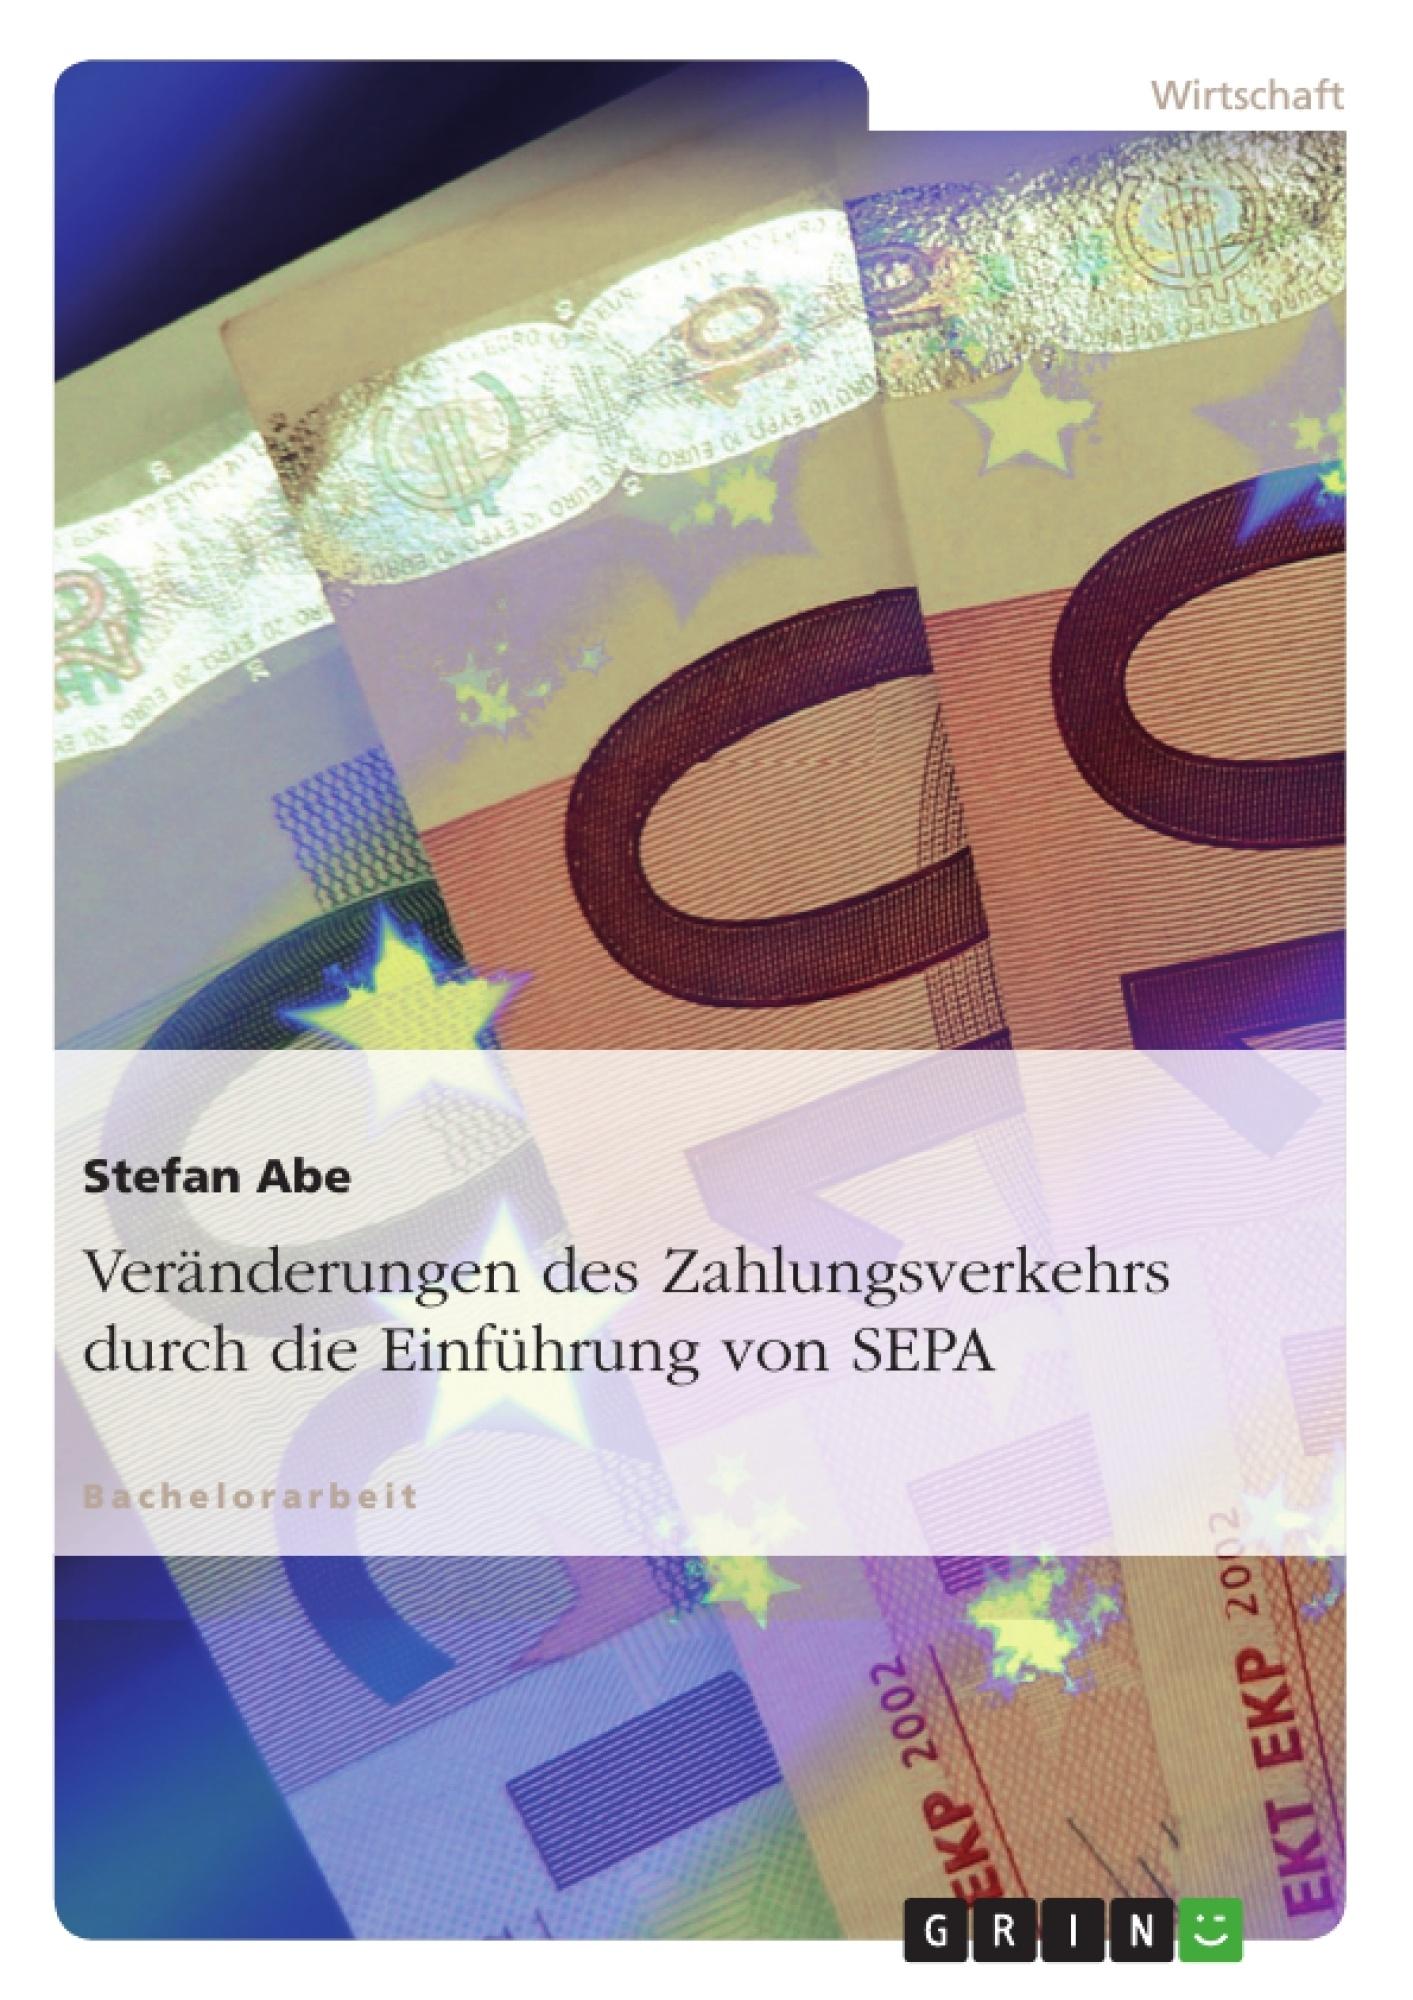 Veränderungen des Zahlungsverkehrs durch die Einführung von SEPA ...